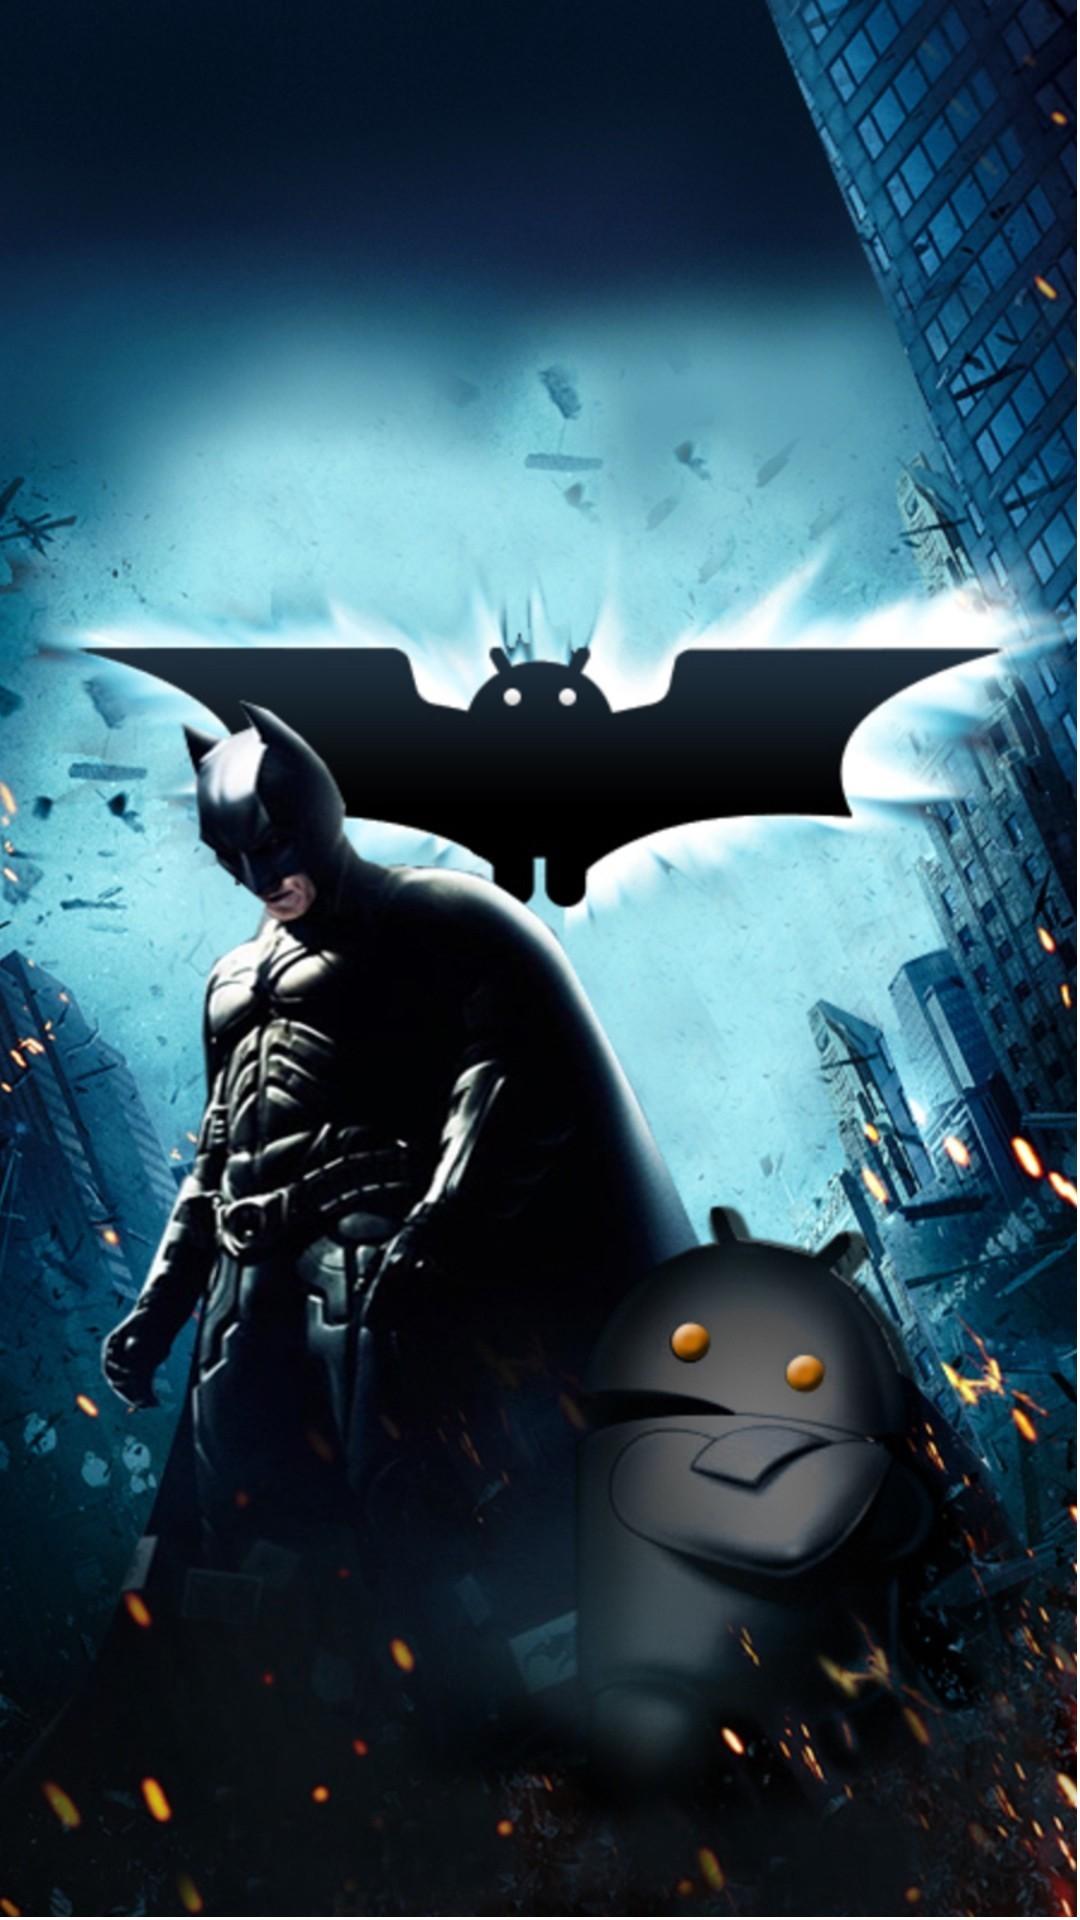 Batman Cell Phone Wallpaper